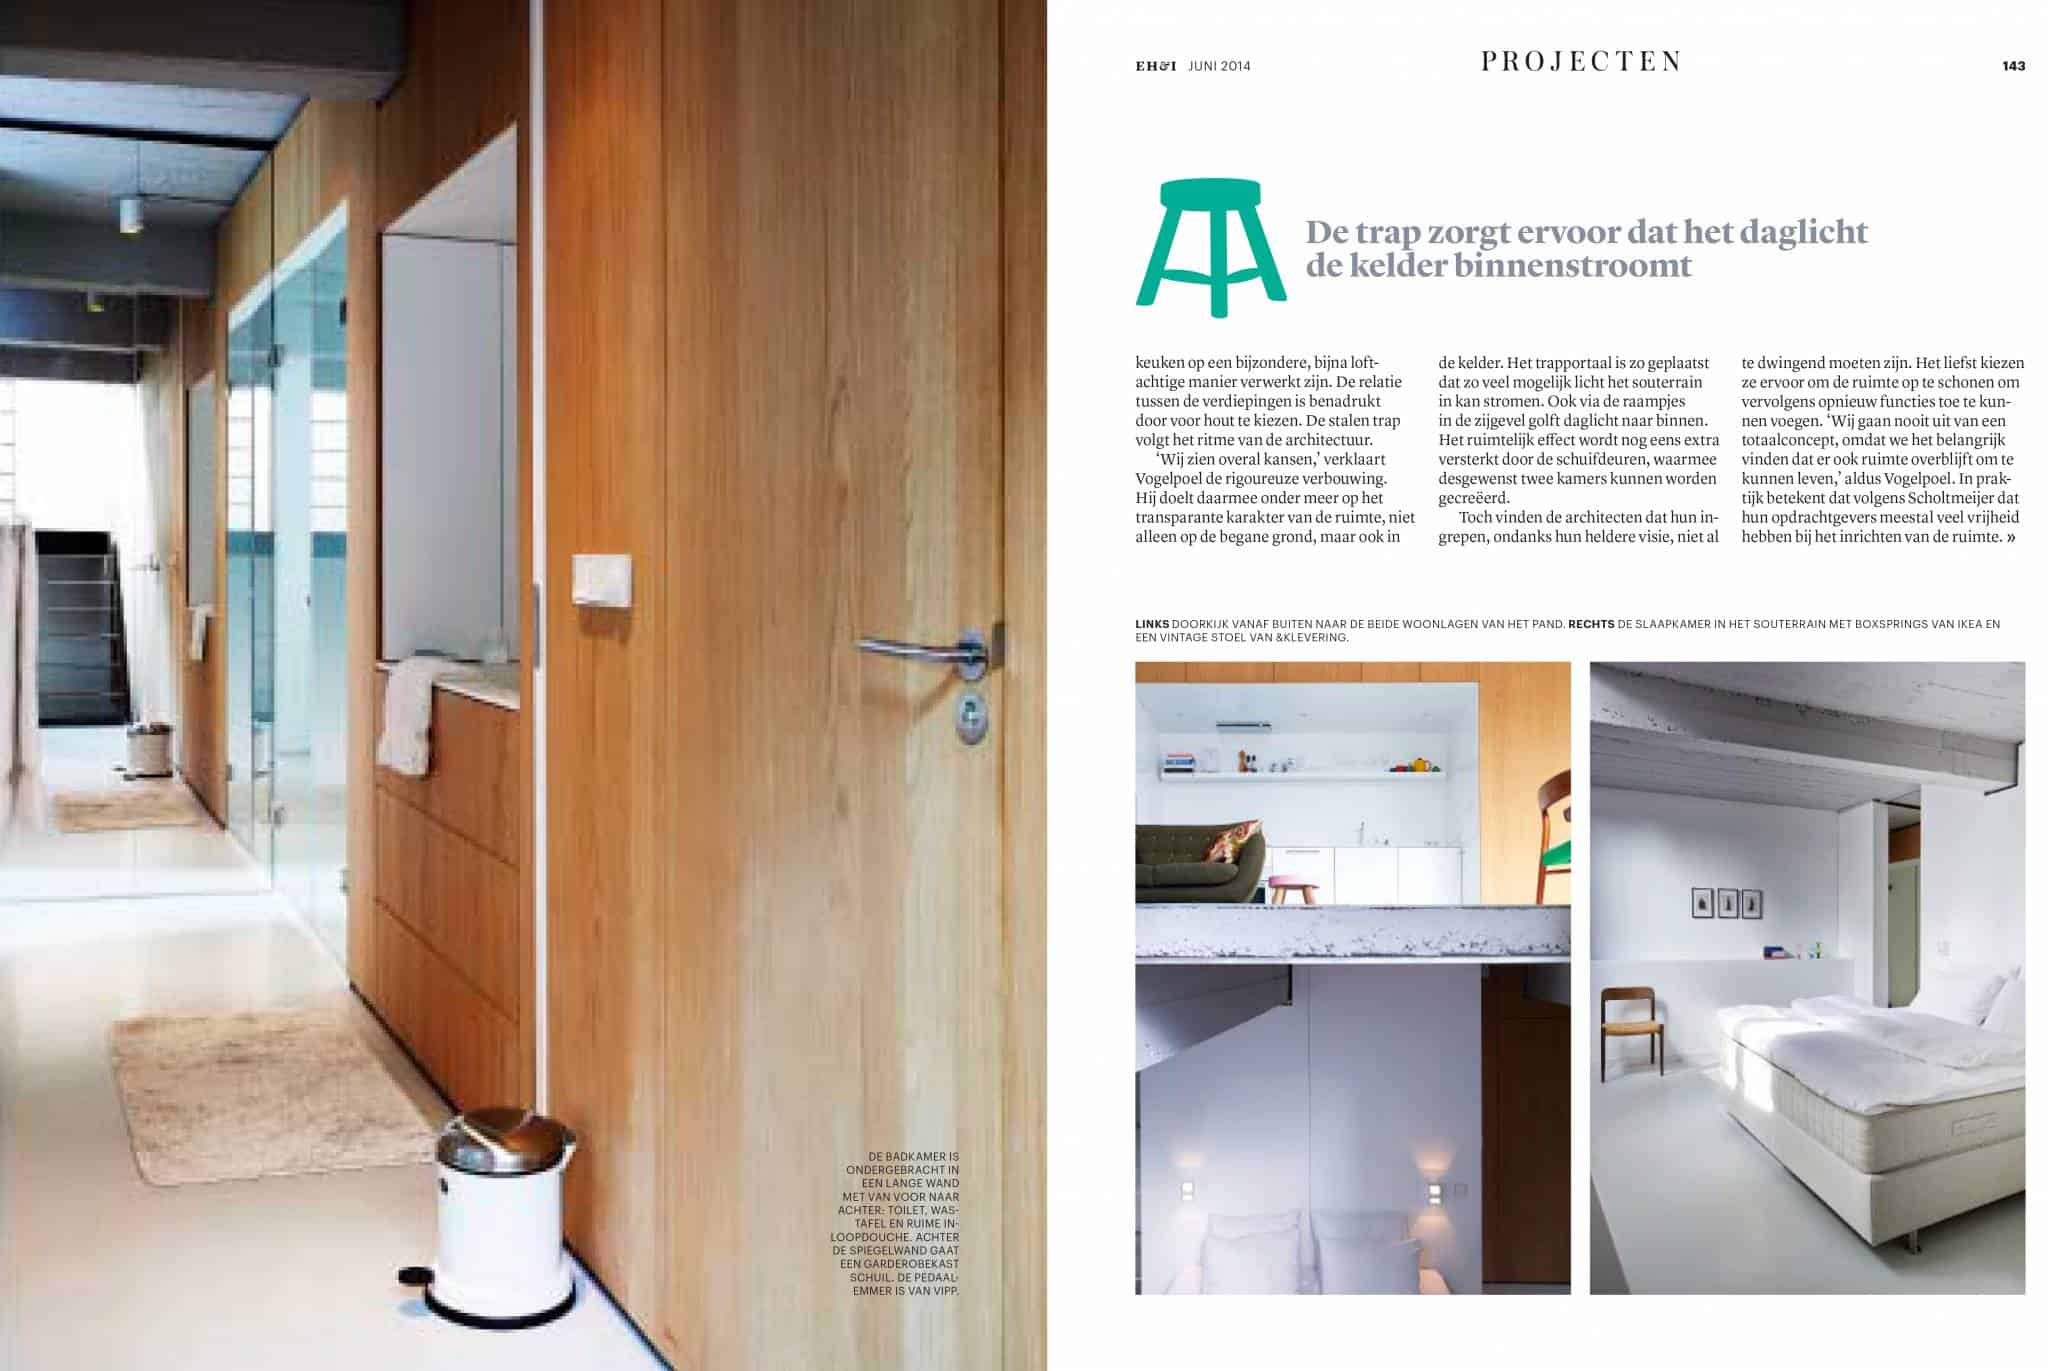 Daglicht Je Keuken : Projecten vens architecten 5 bas vogelpoel architecten